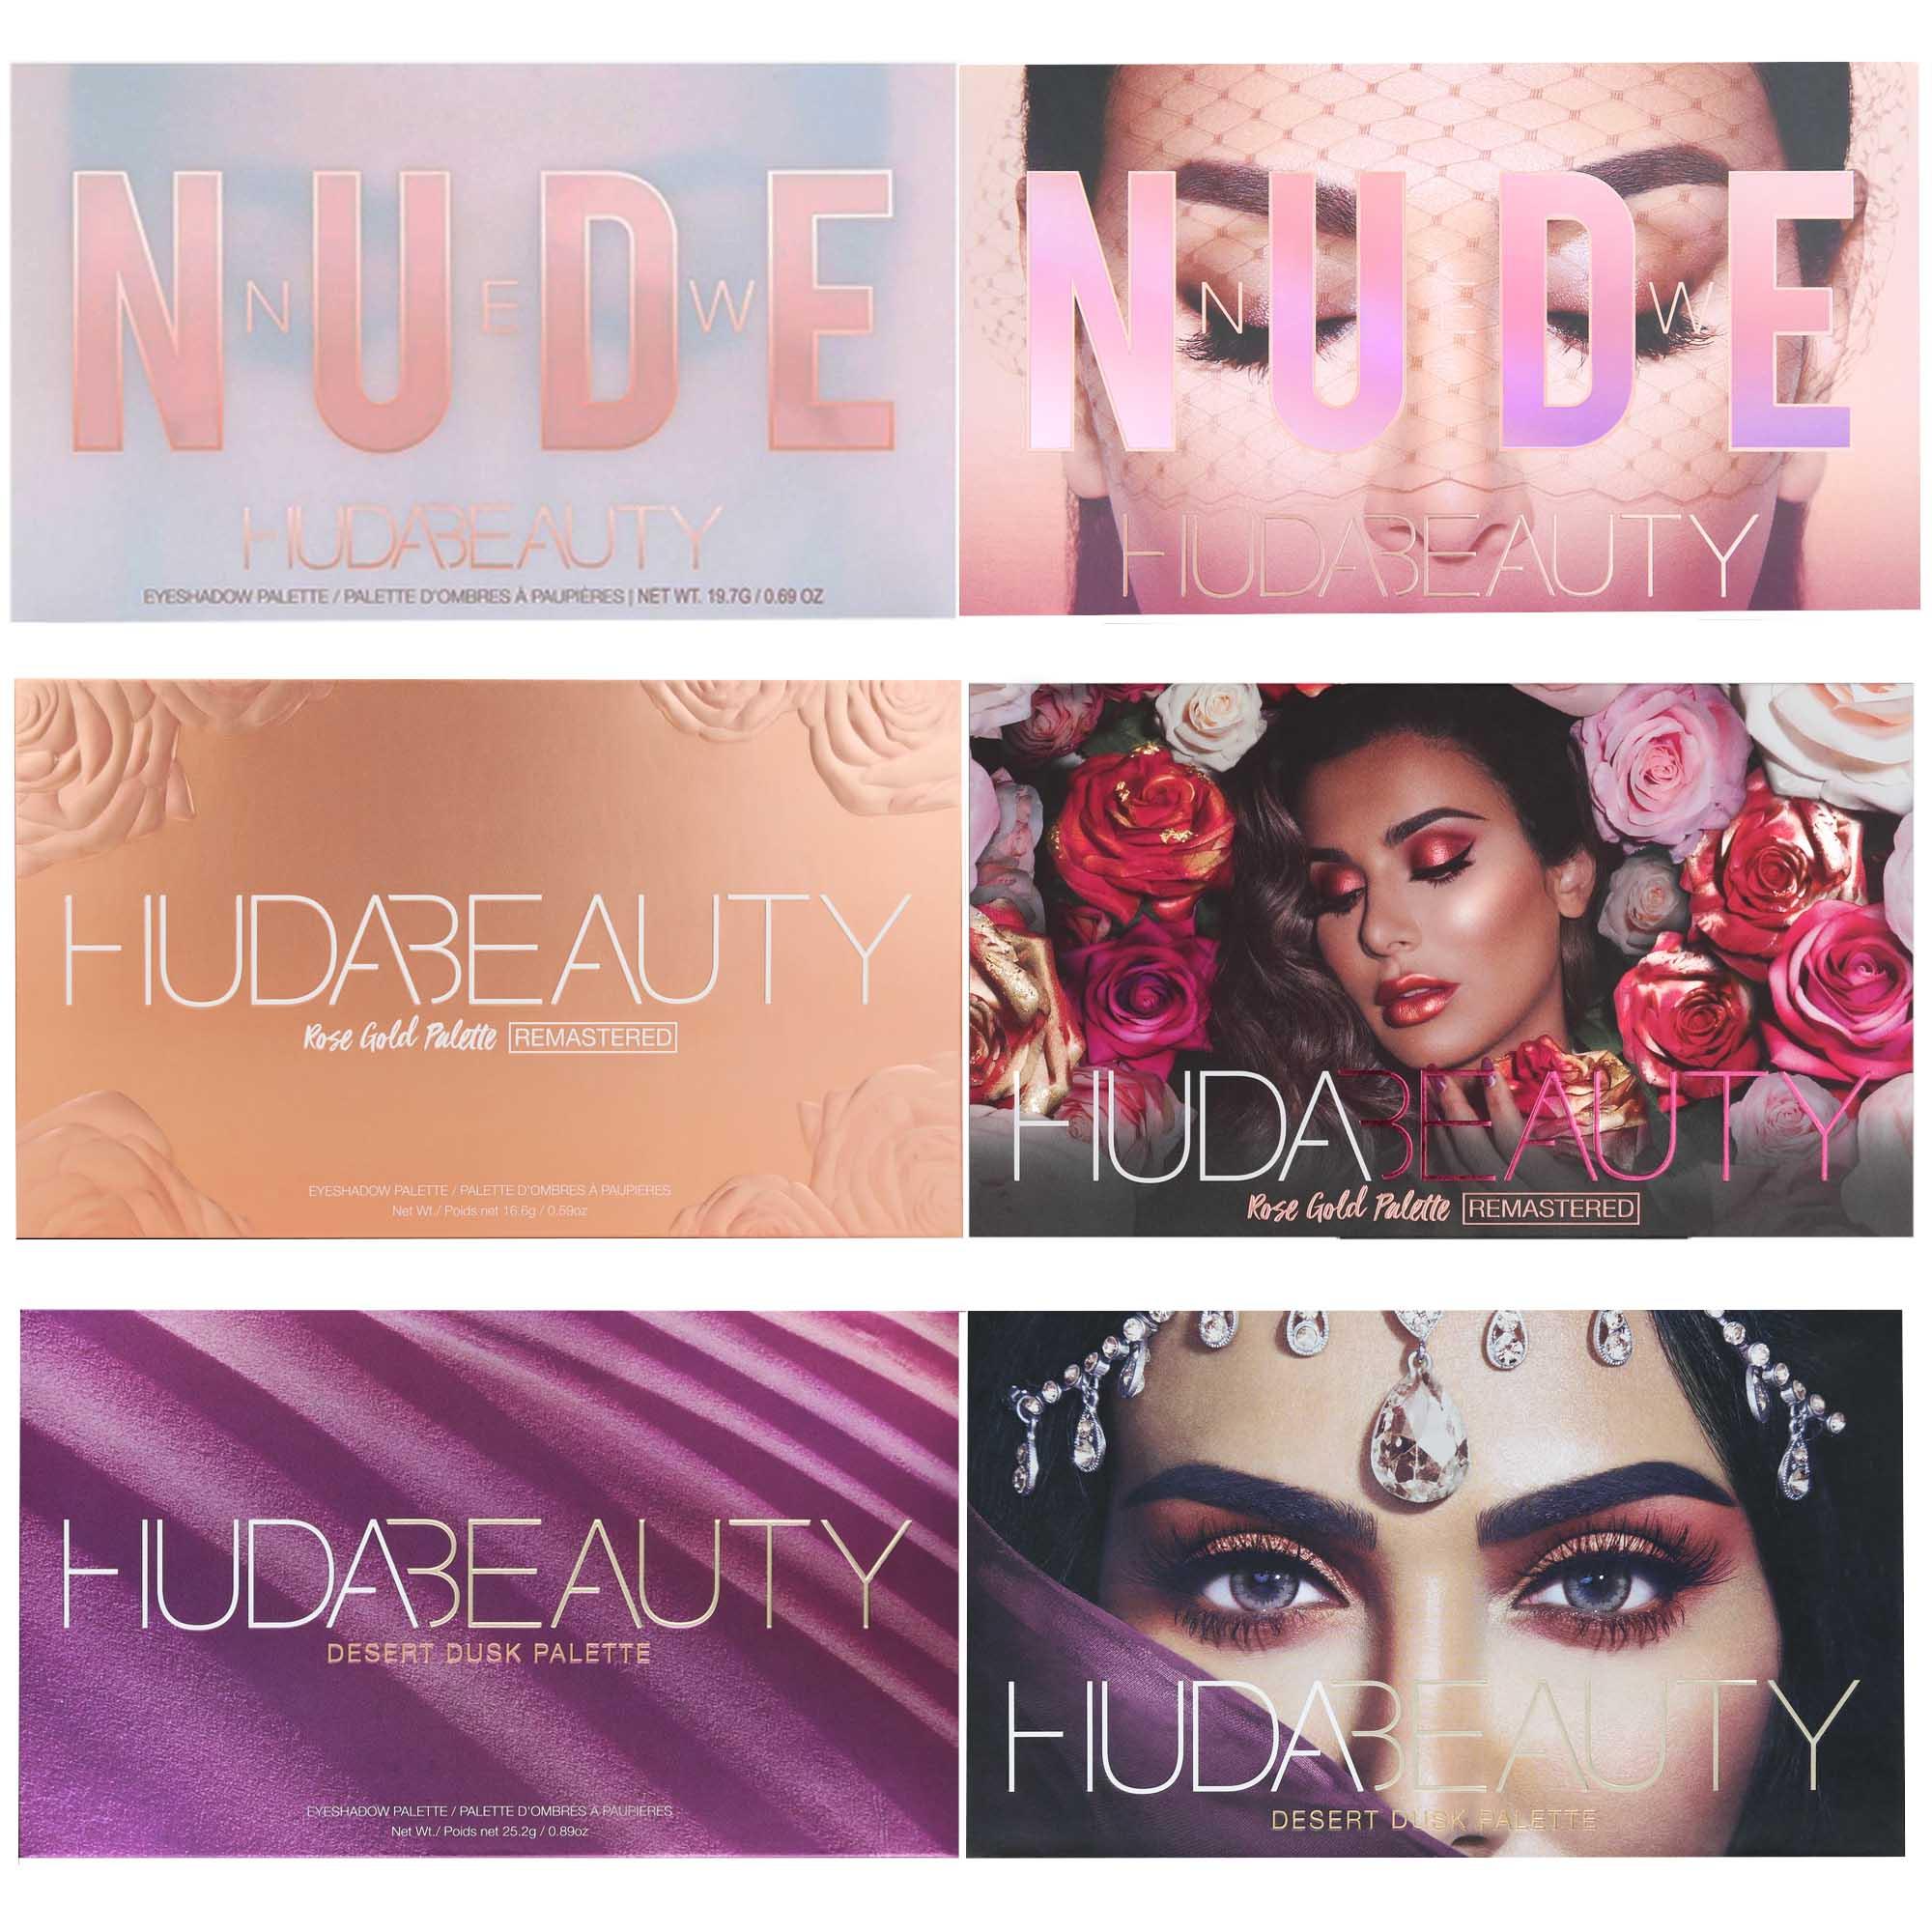 Kit 3 Paletas De Sombra - Hud Beauty Pallete - New Nude Rose Gold Desert Dusk